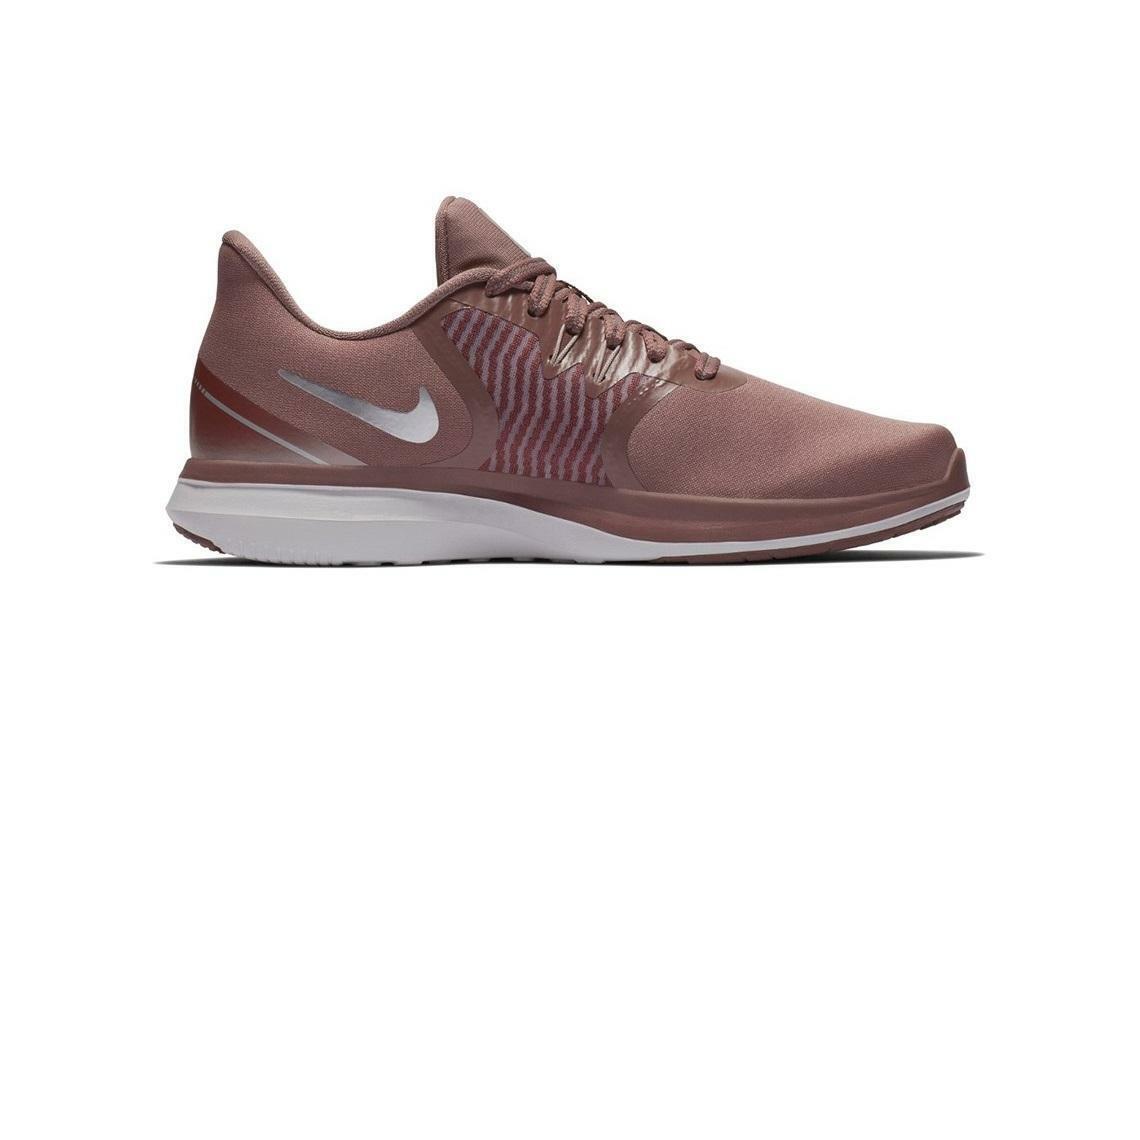 Donna Nike in Season Tr 8 Amp Metallico Metallico Metallico argentoo Scarpe Sportive Aa7774 200 773f93